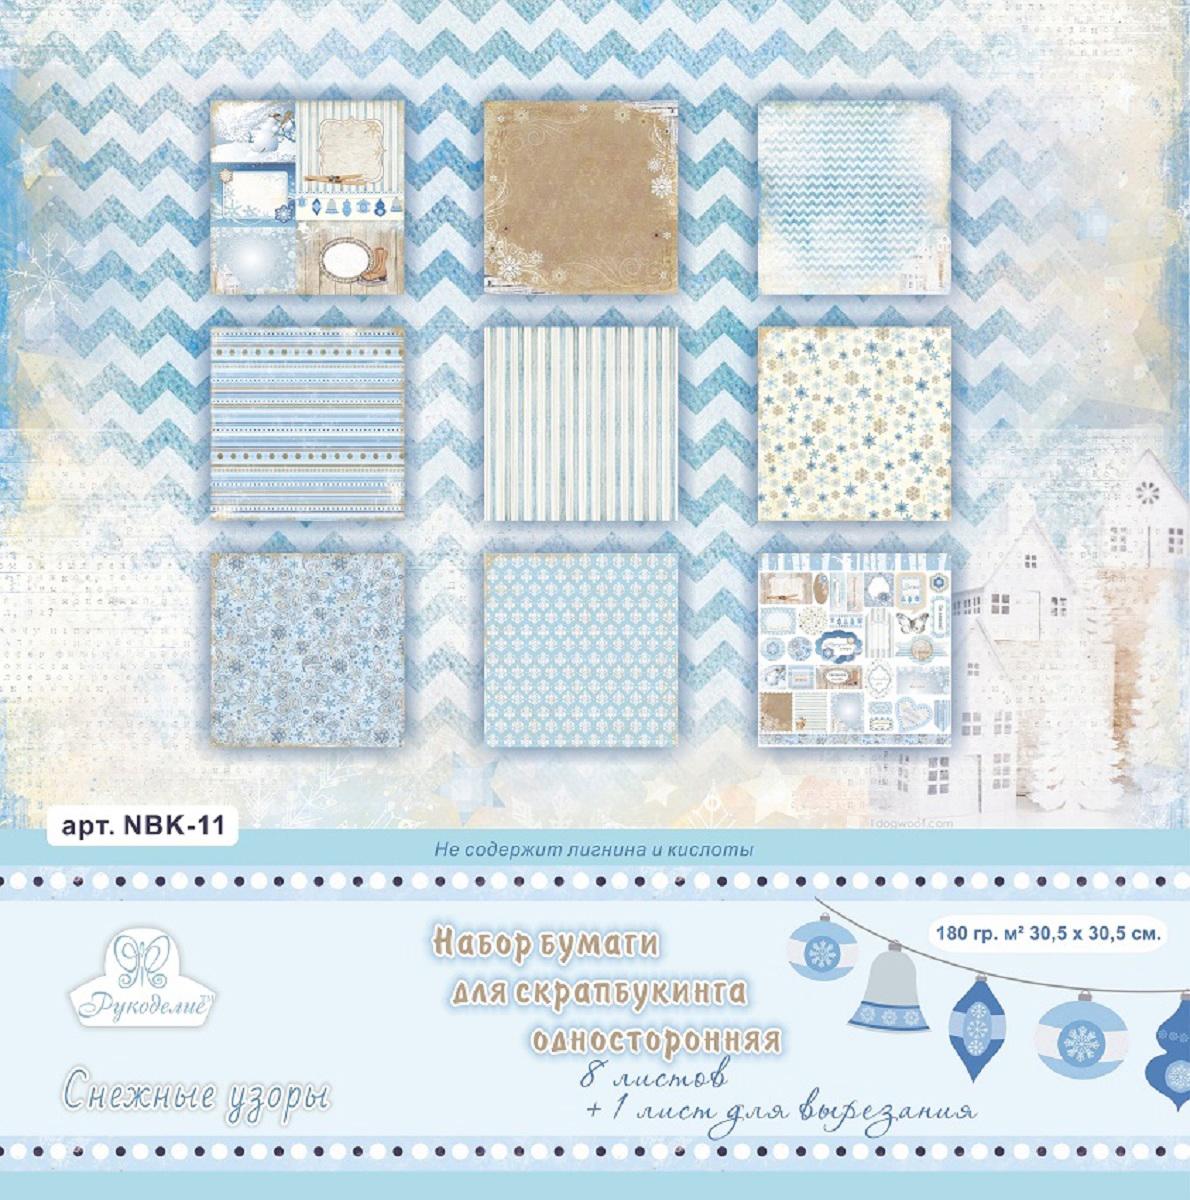 Набор бумаги для скрапбукинга Рукоделие Снежные узоры, односторонняя, 30,5 х 30,5 см, 9 листов набор нитей рукоделие снежные узоры 2 м 3 шт